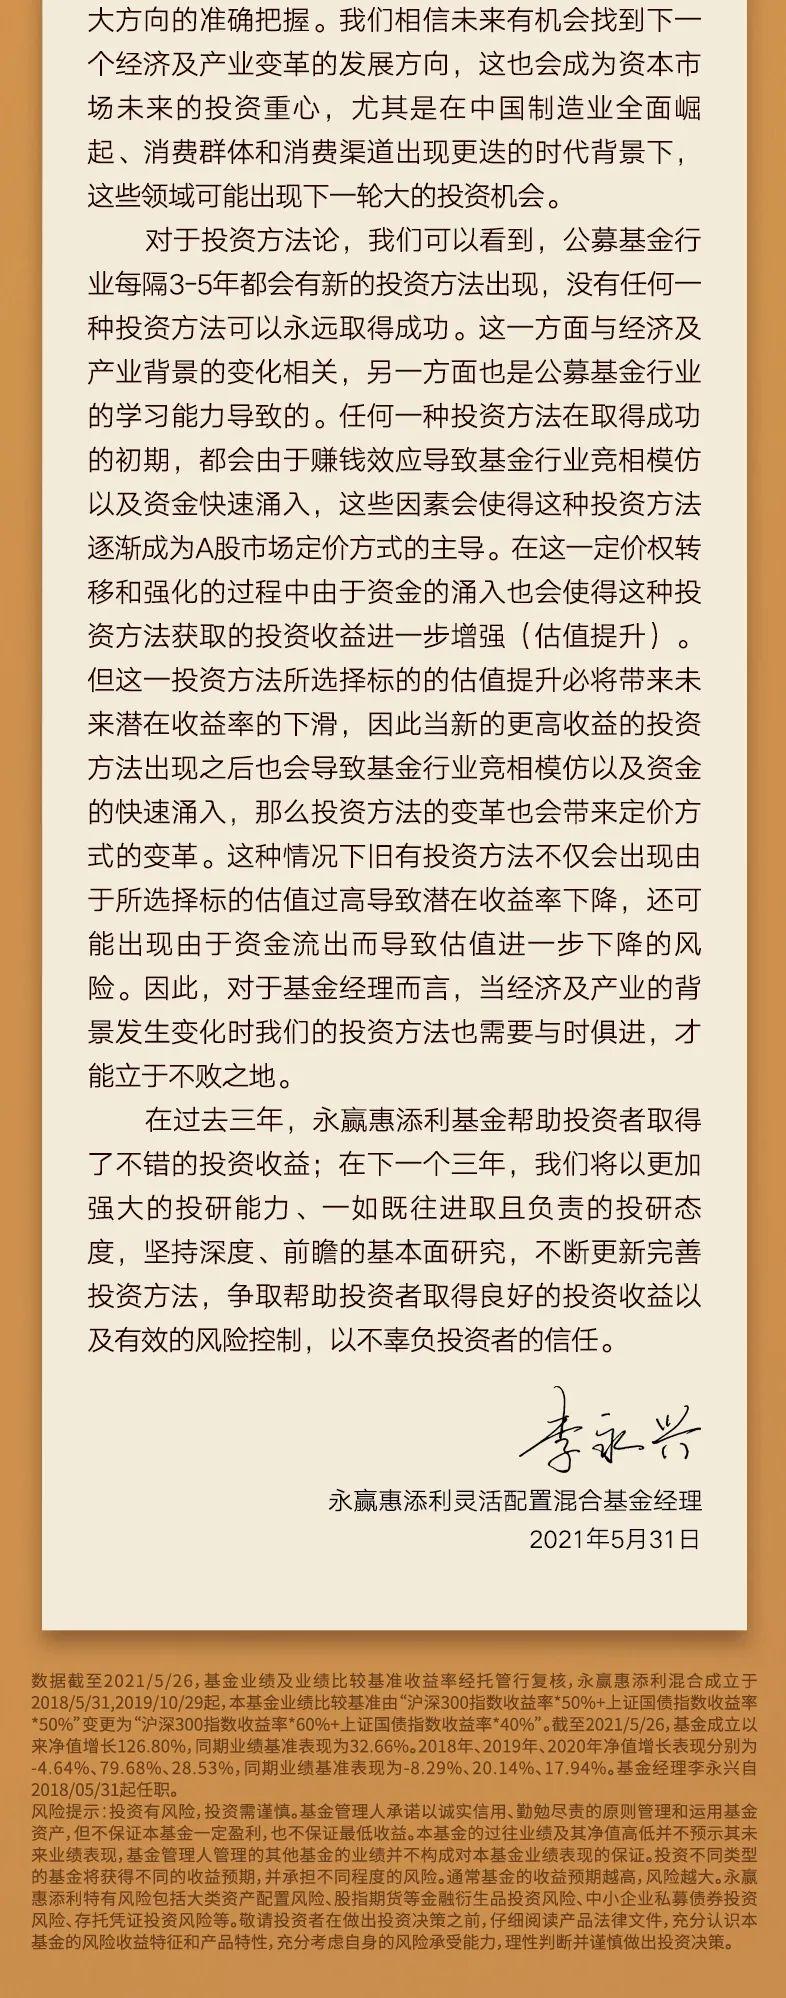 李永兴:致永赢惠添利投资者的一封信